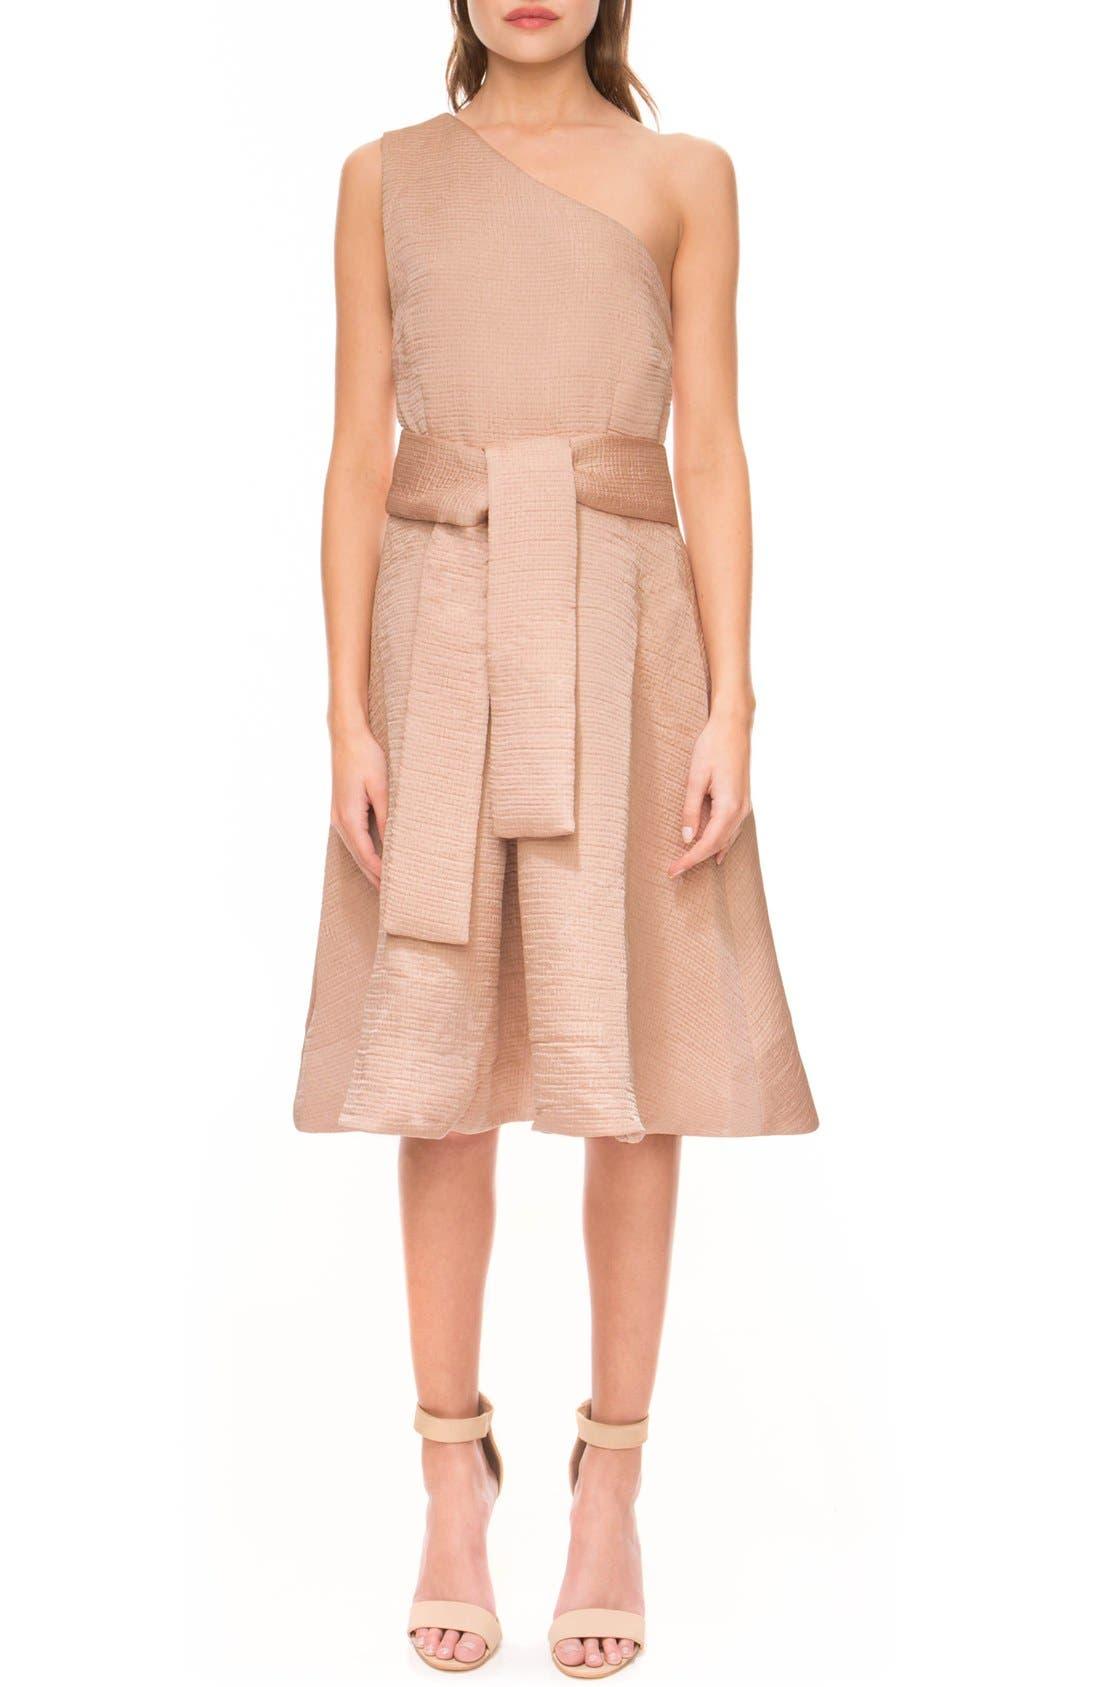 Main Image - Keepsake the Label 'Rapture' One Shoulder Dress